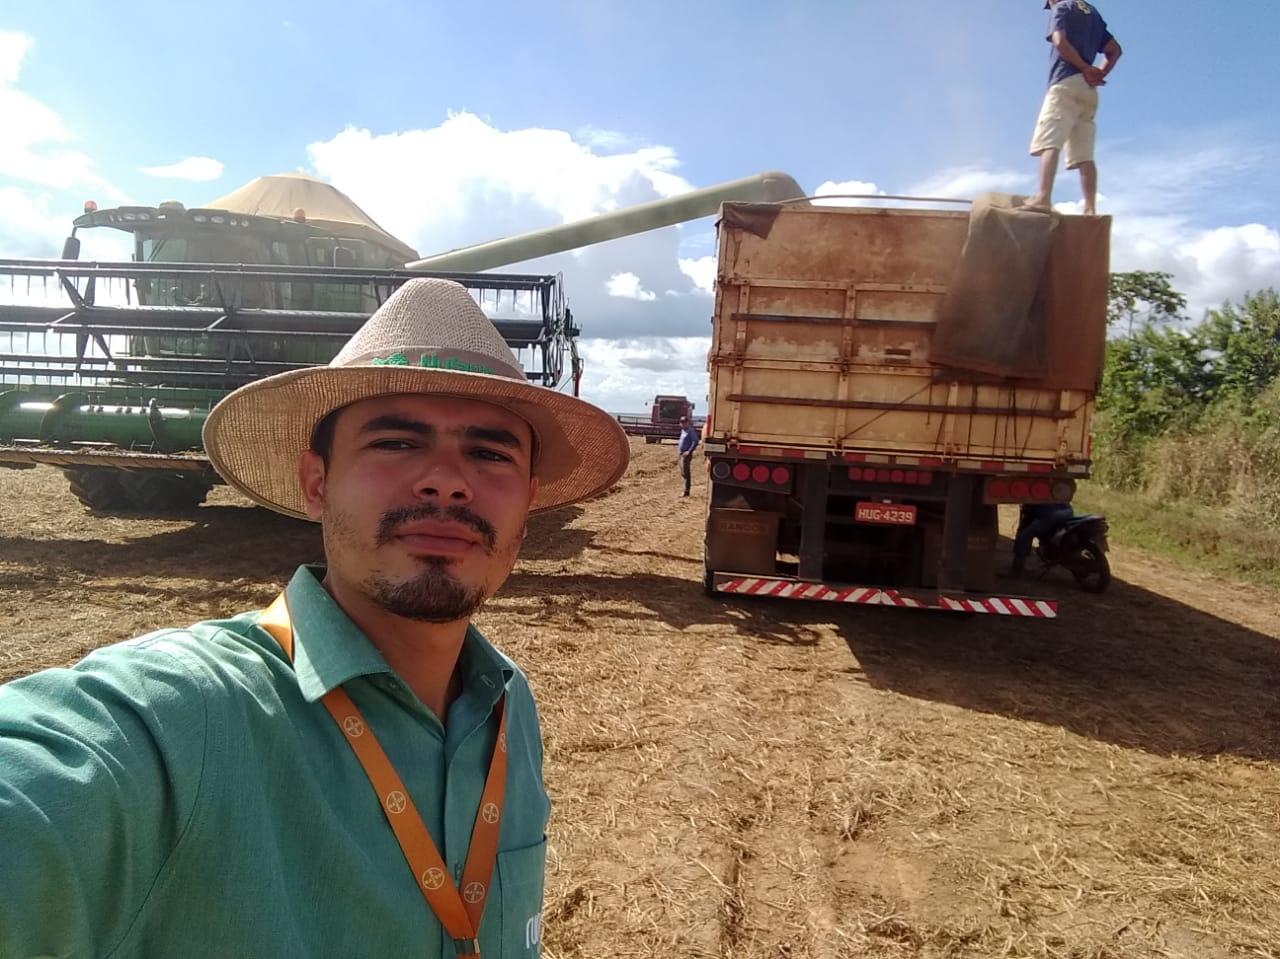 Finalizando colheita de soja em Buriticupu (MA). Envio de Stenio Carvalho.